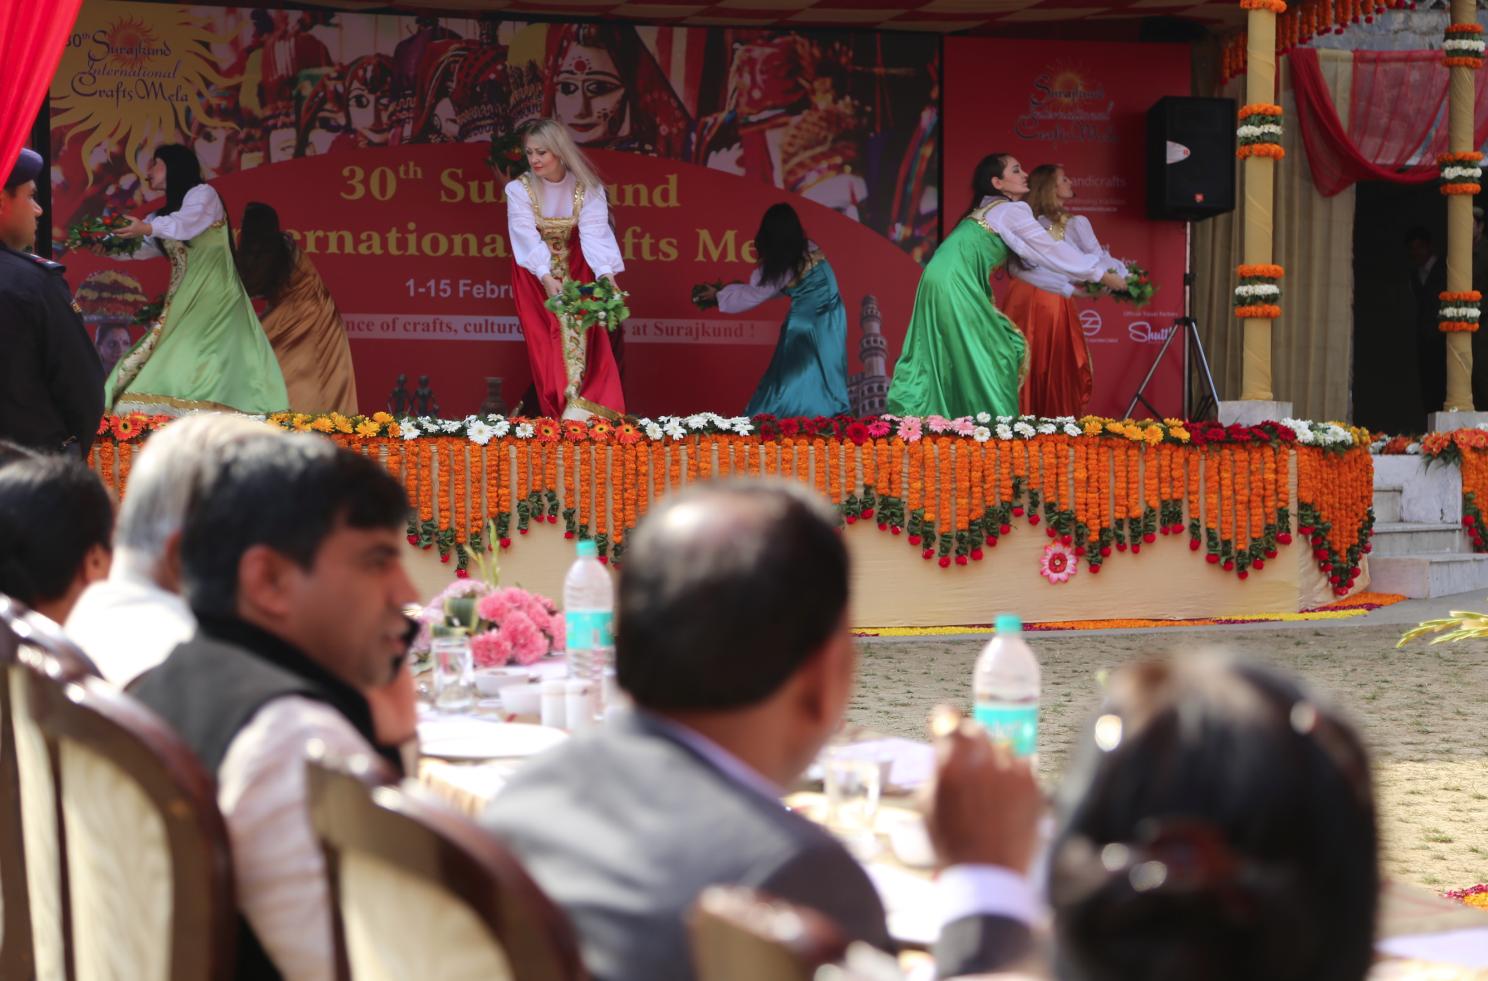 KrasA (Beauty) Ensemble of Folk Song at the international Crafts Mela at Surajkund.